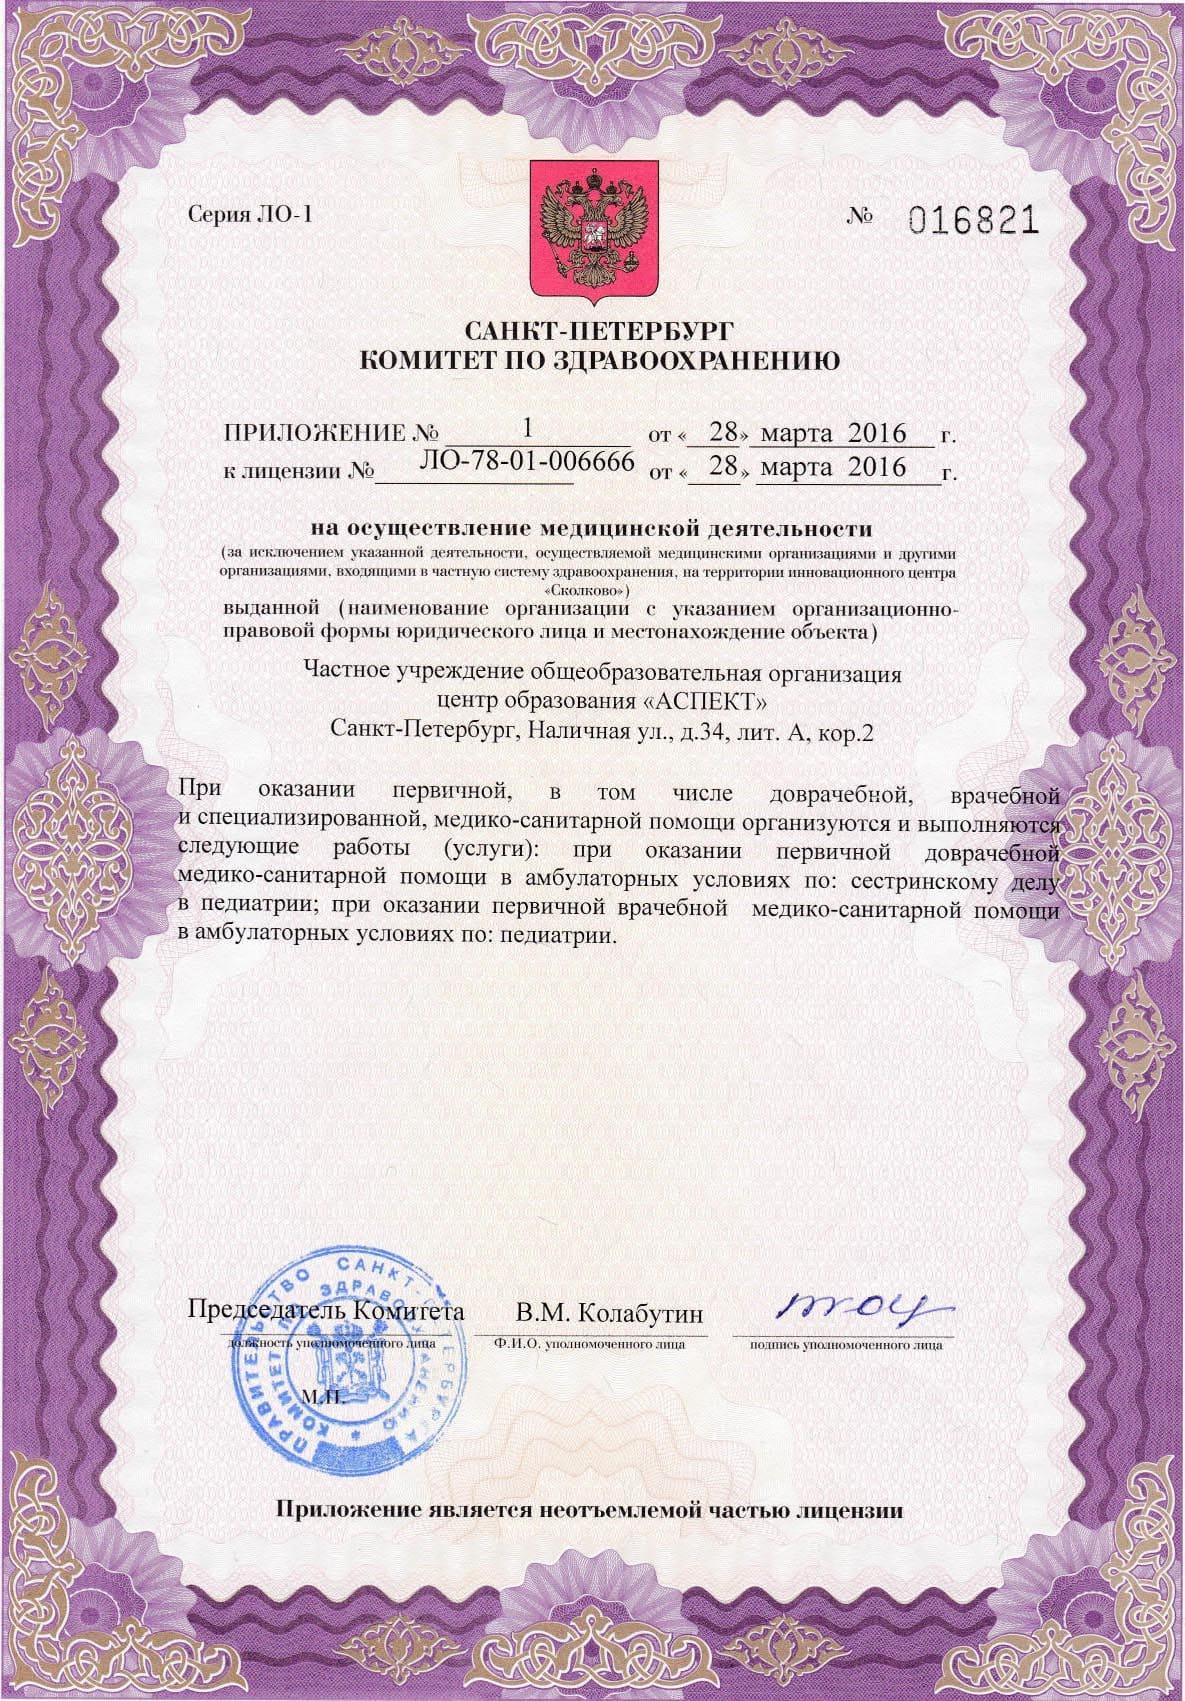 Приложение №1 к Лицении на медицинскую деятельность